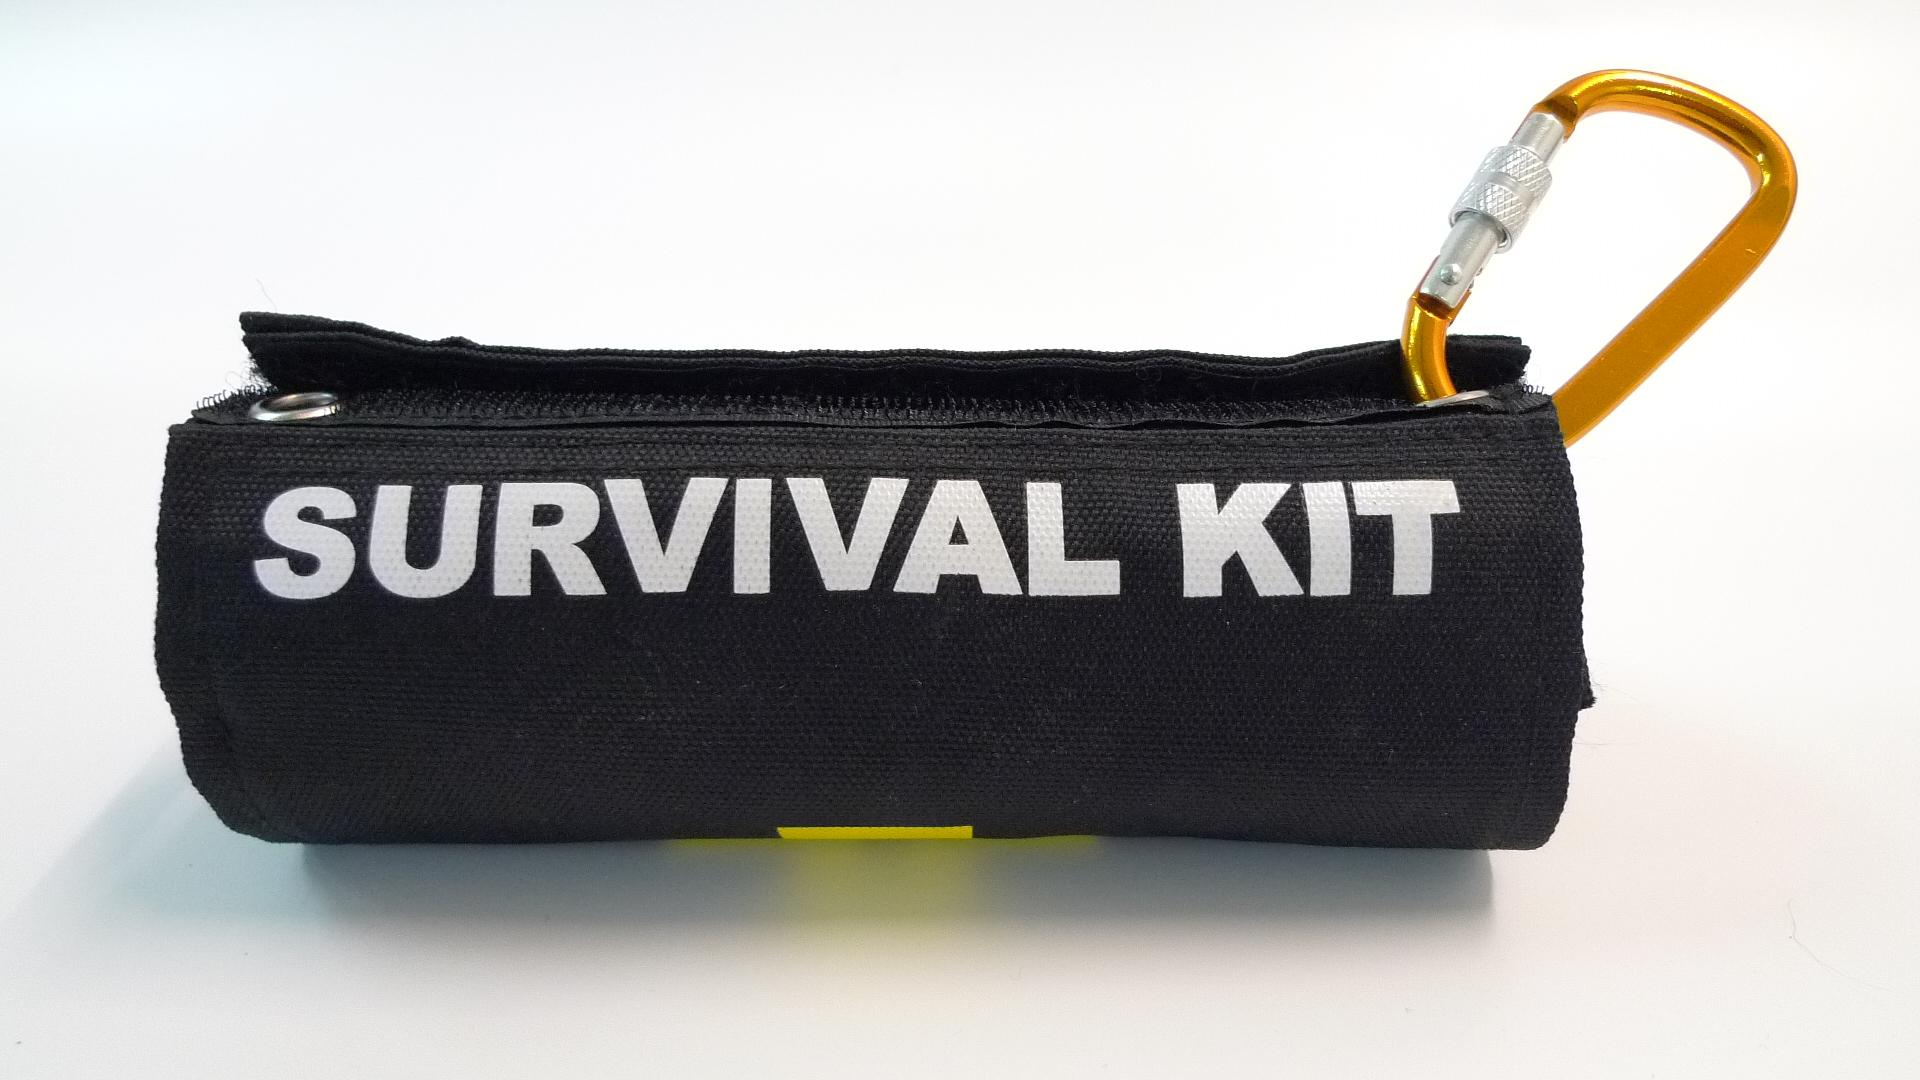 Les matériels recommandés pour survivre lors d'une randonnée en milieu naturel